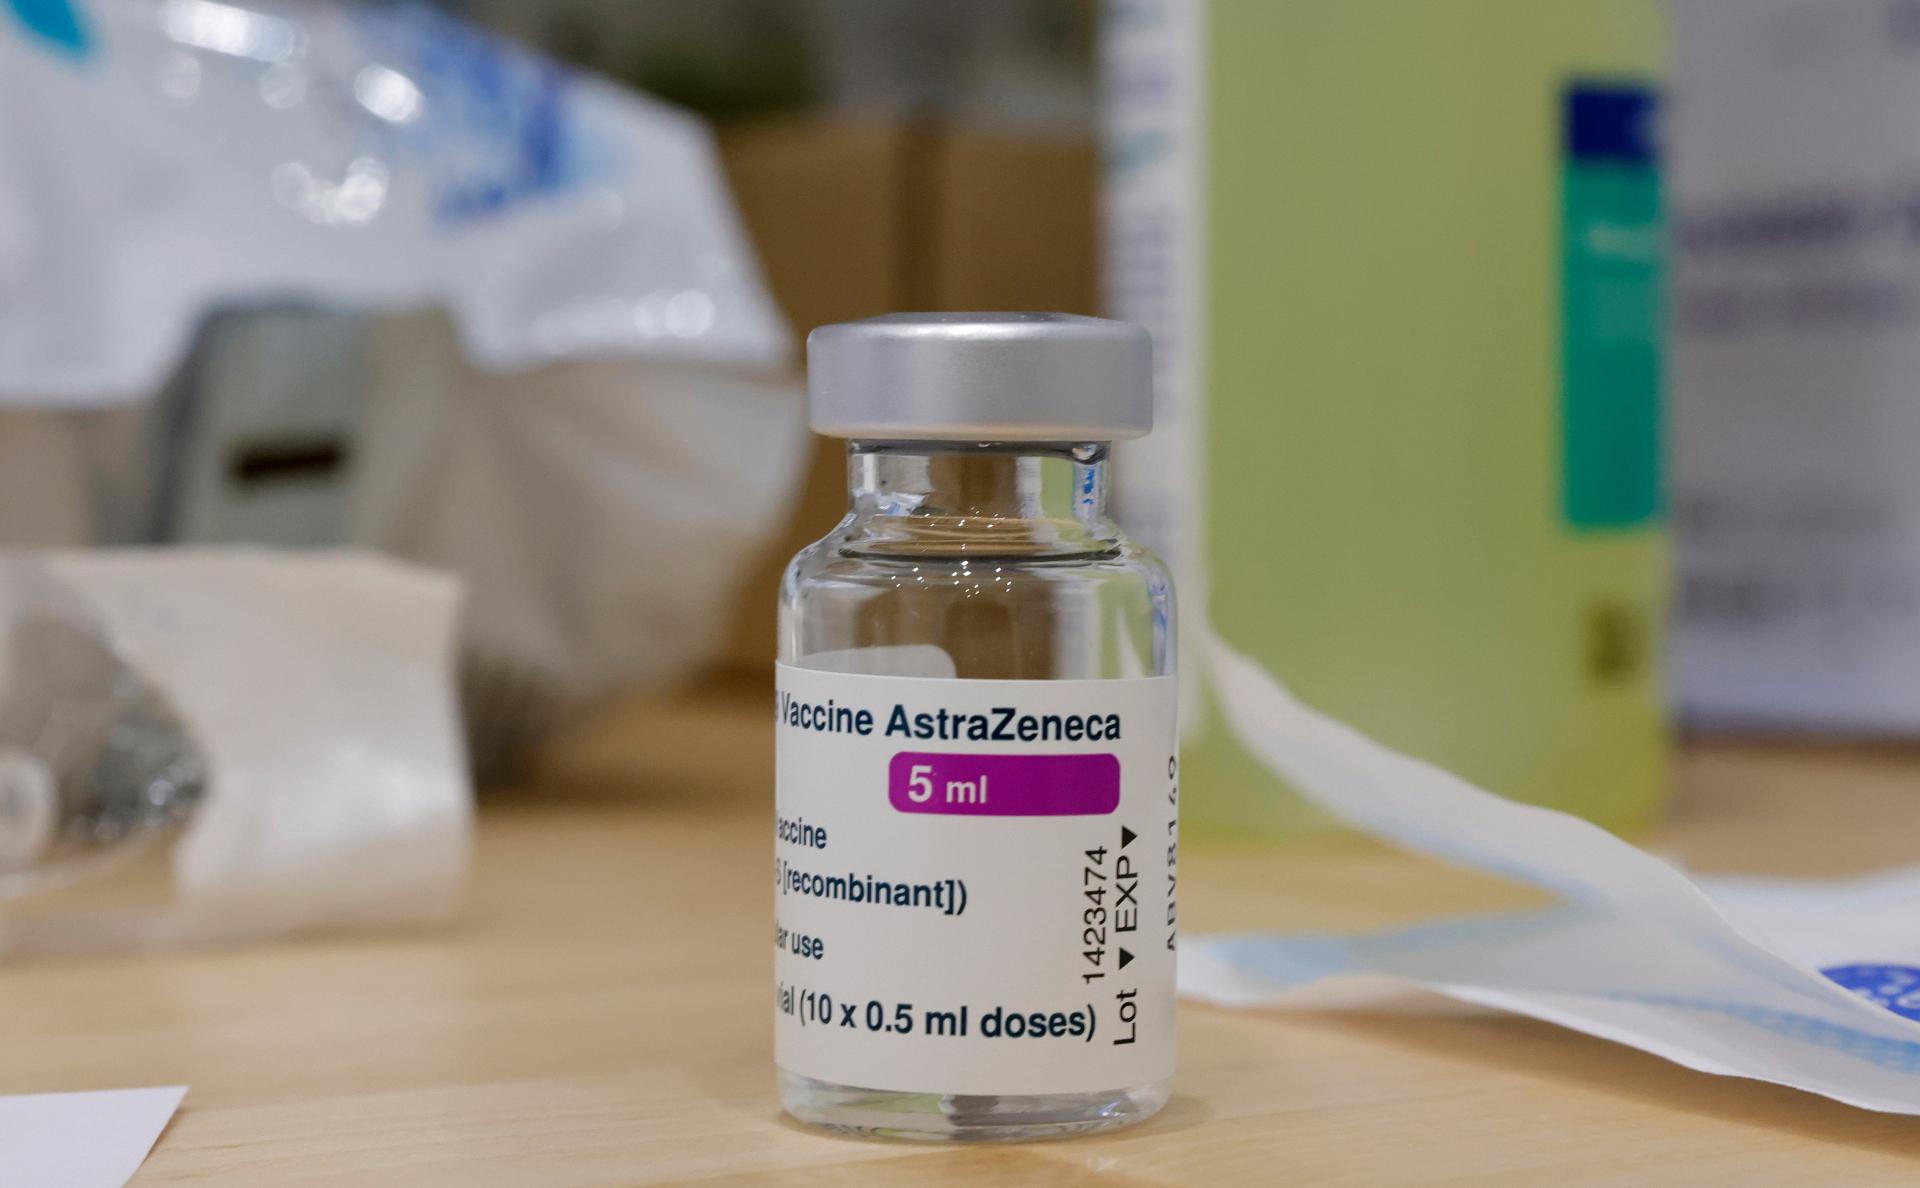 Словения и Кипр приостановили вакцинацию препаратом AstraZeneca